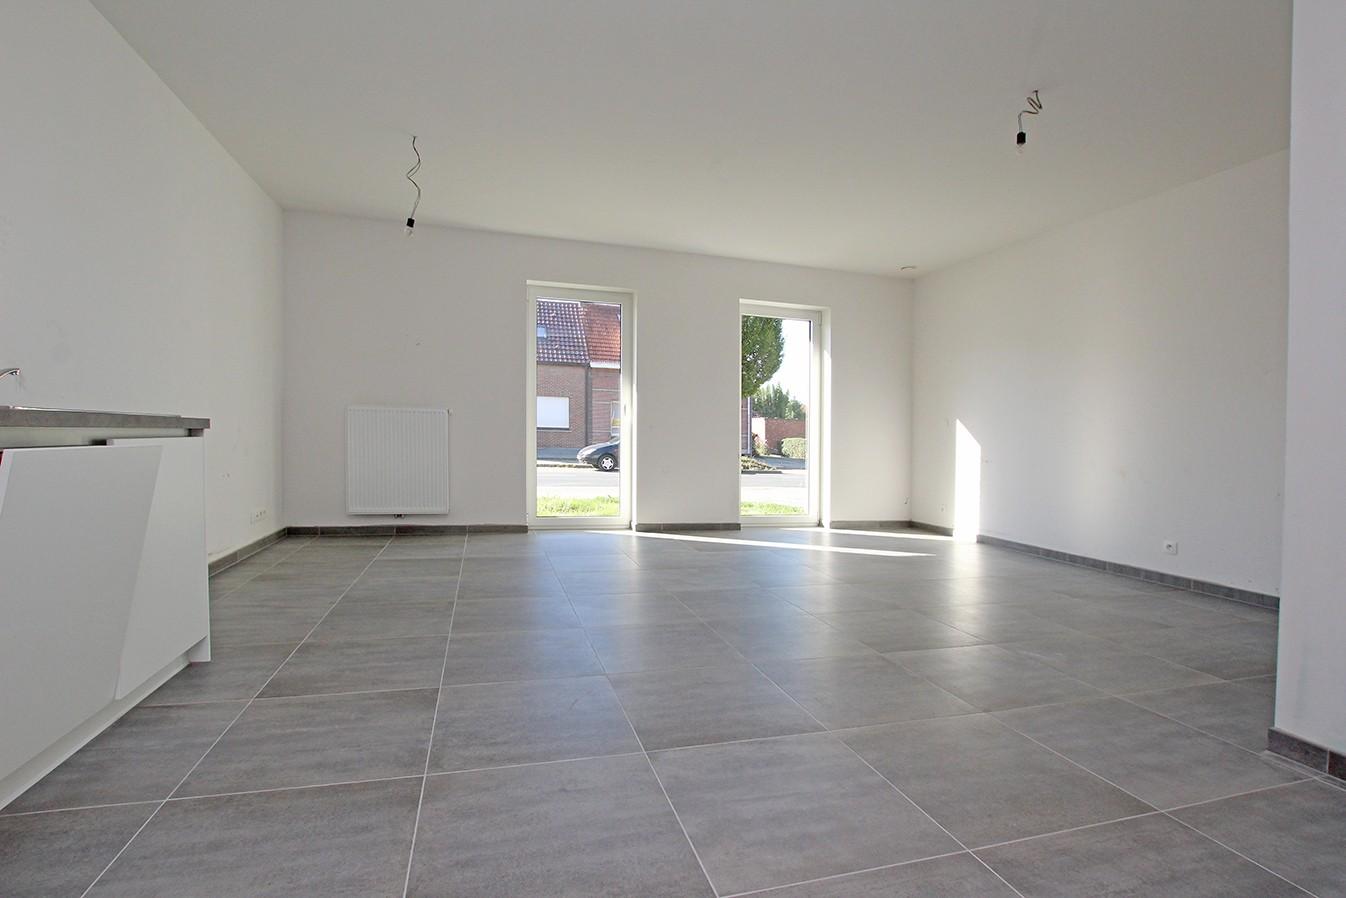 """Prachtige studio van +/- 47 m² in nieuwbouwproject """"Residentie Schoonzicht"""" te Lint! afbeelding 2"""